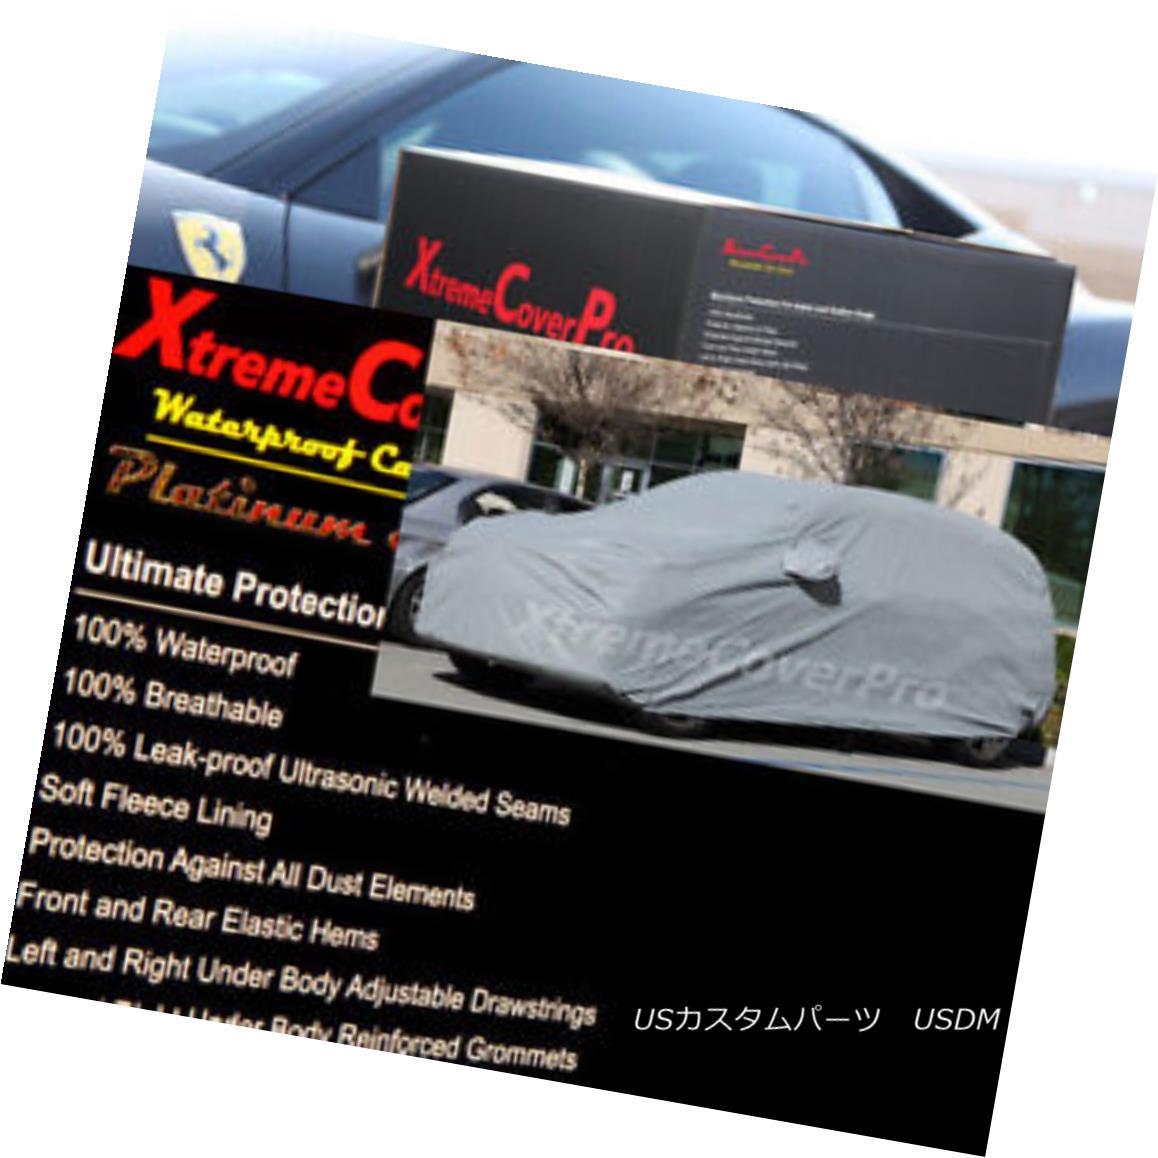 カーカバー 2007 2008 2009 Cadillac Escalade Waterproof Car Cover w/MirrorPocket 2007年2008年2009キャデラック・エスカレード防水カーカバー付きMirrorPocket